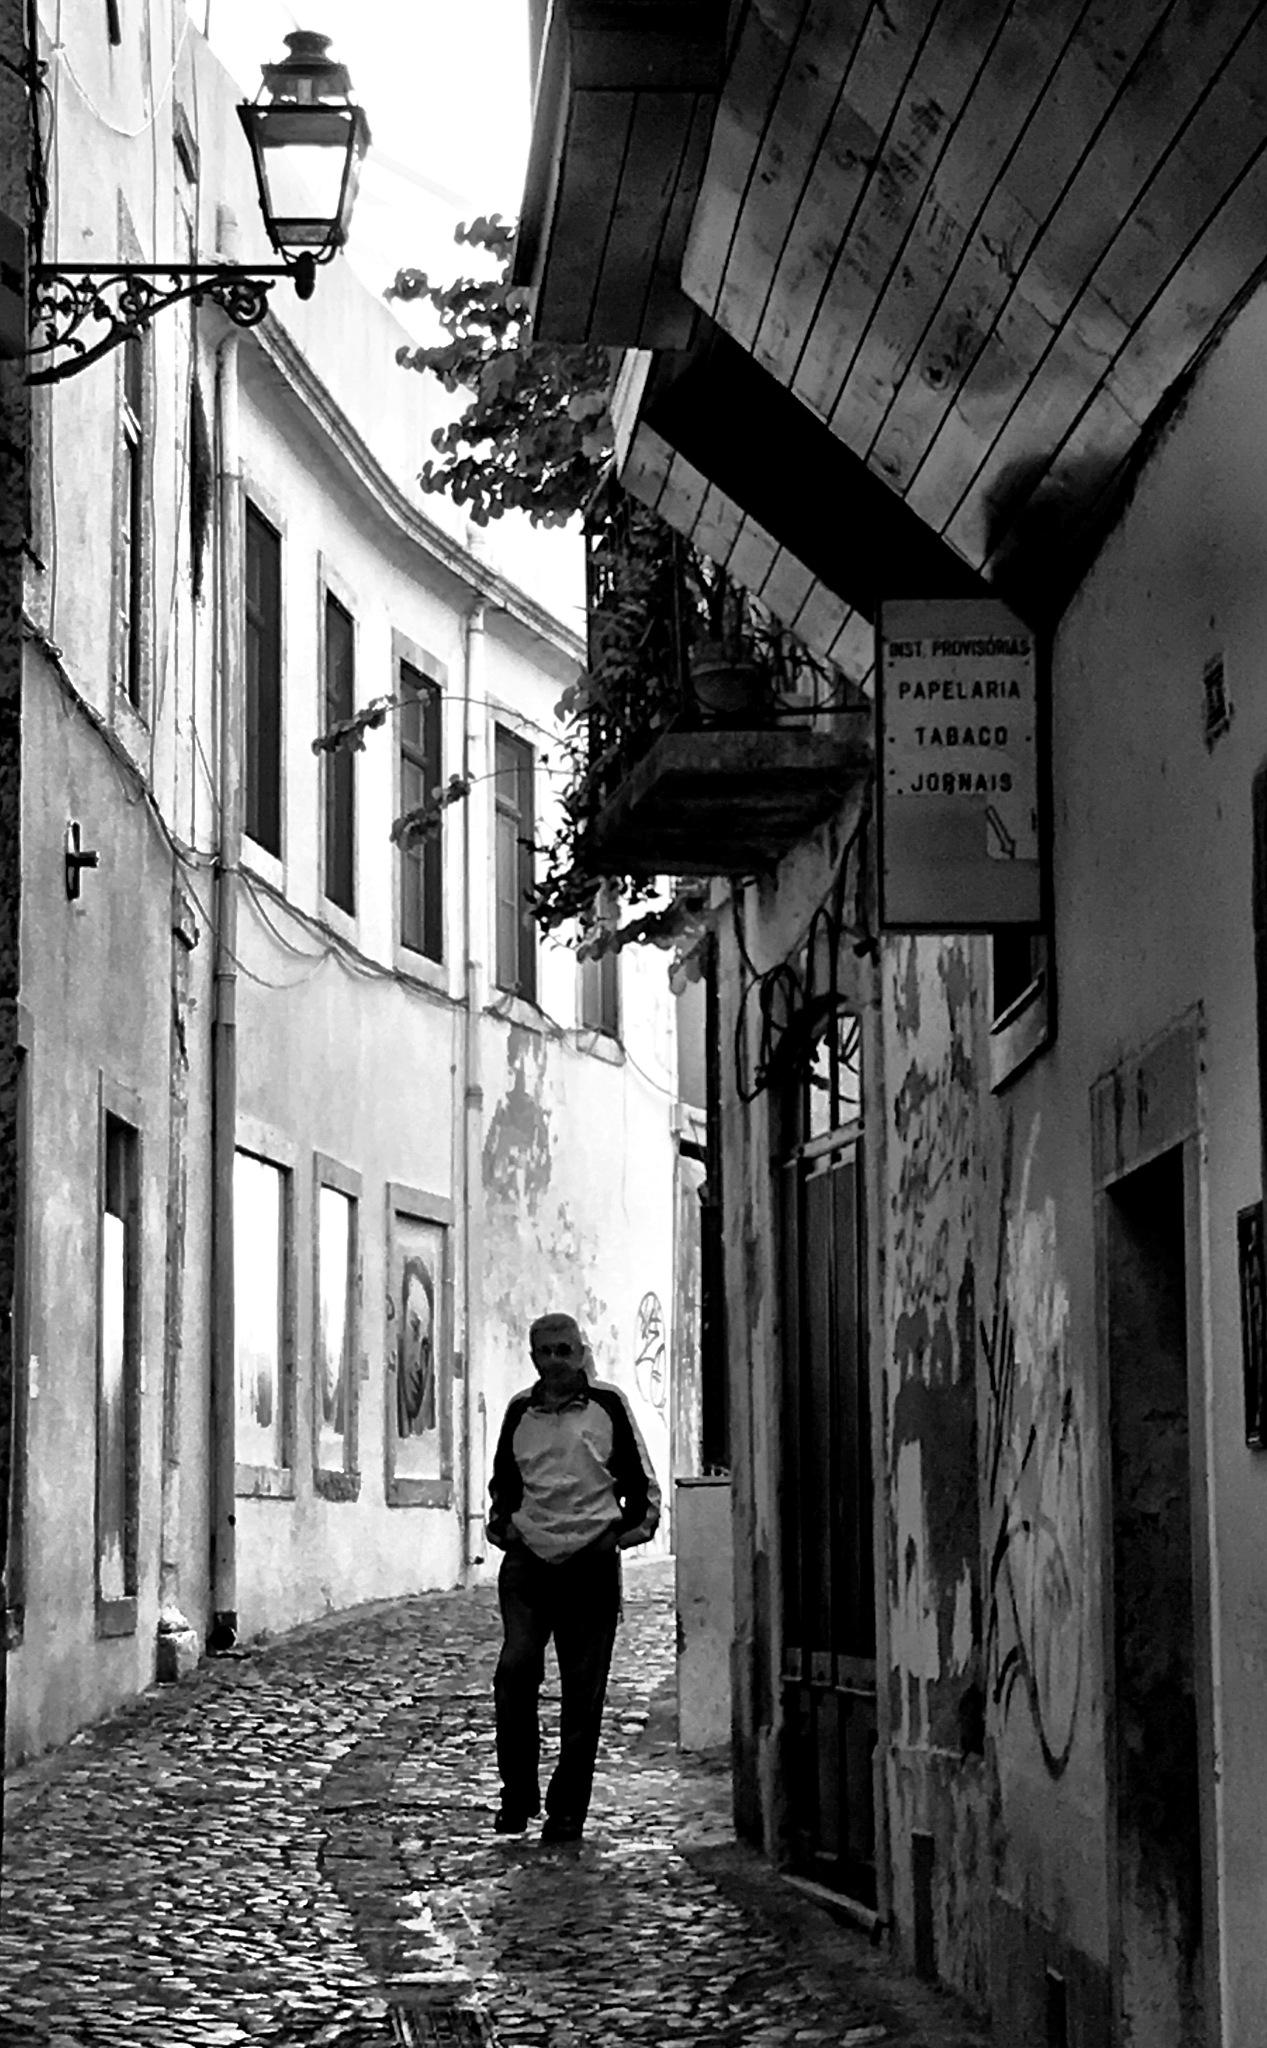 Lisboa, Rua do Capelão  by jmatela